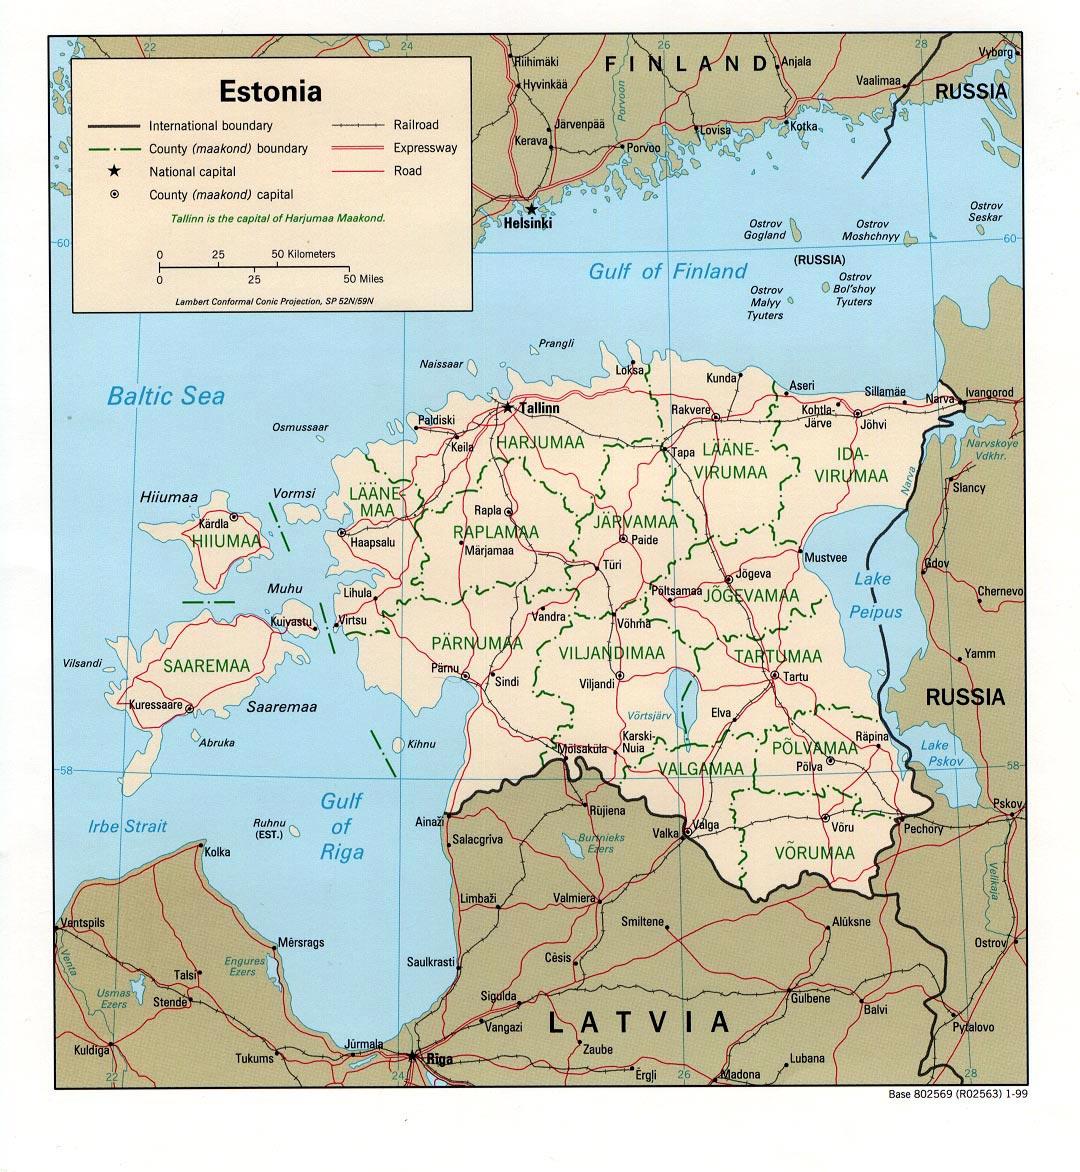 estland karte Karten von Estland | Karten von Estland zum Herunterladen und Drucken